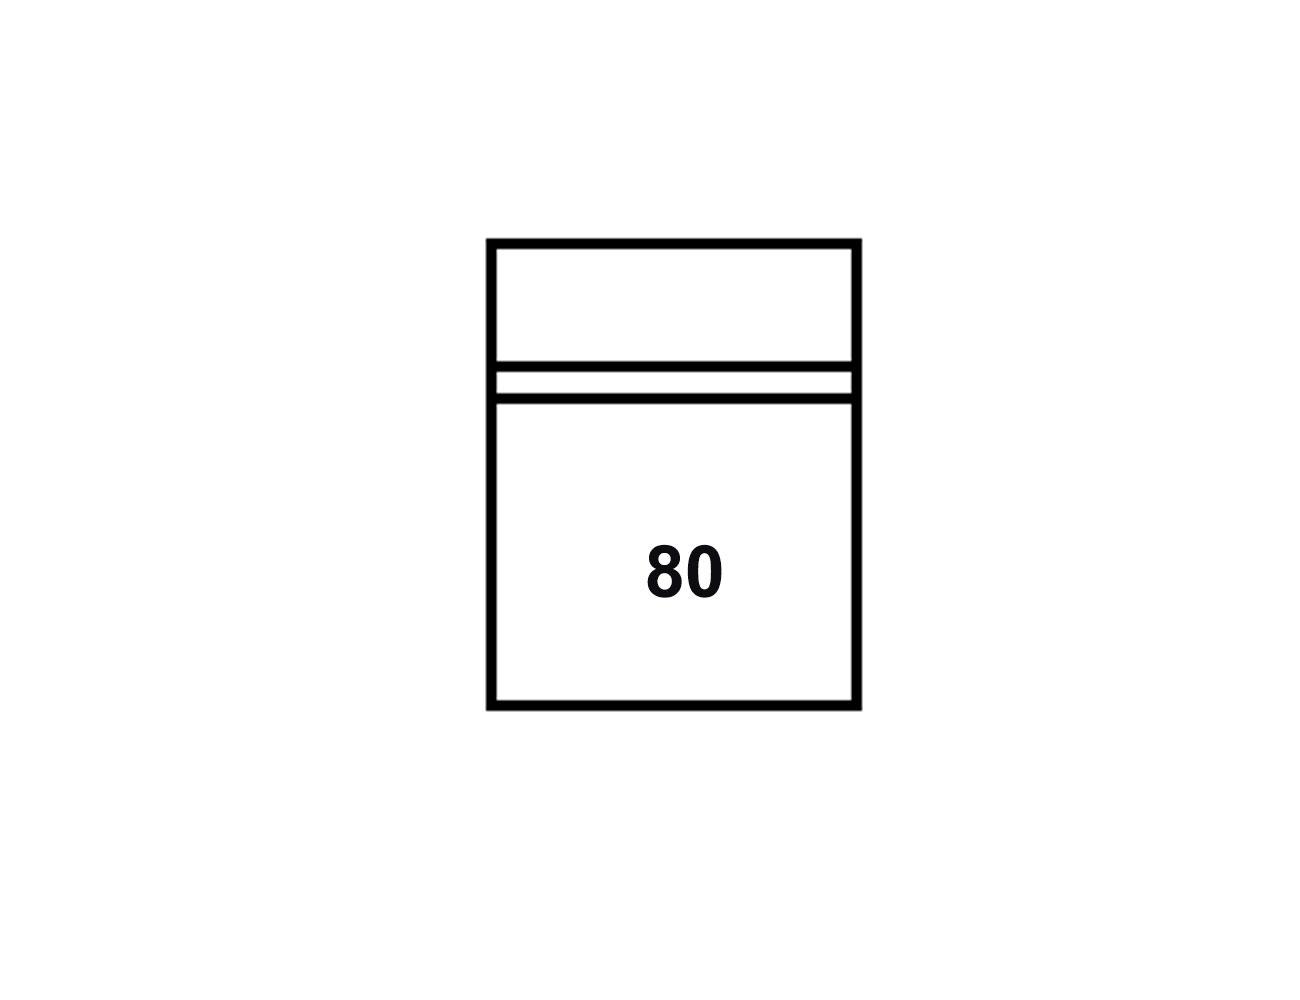 Modulo 1p 809